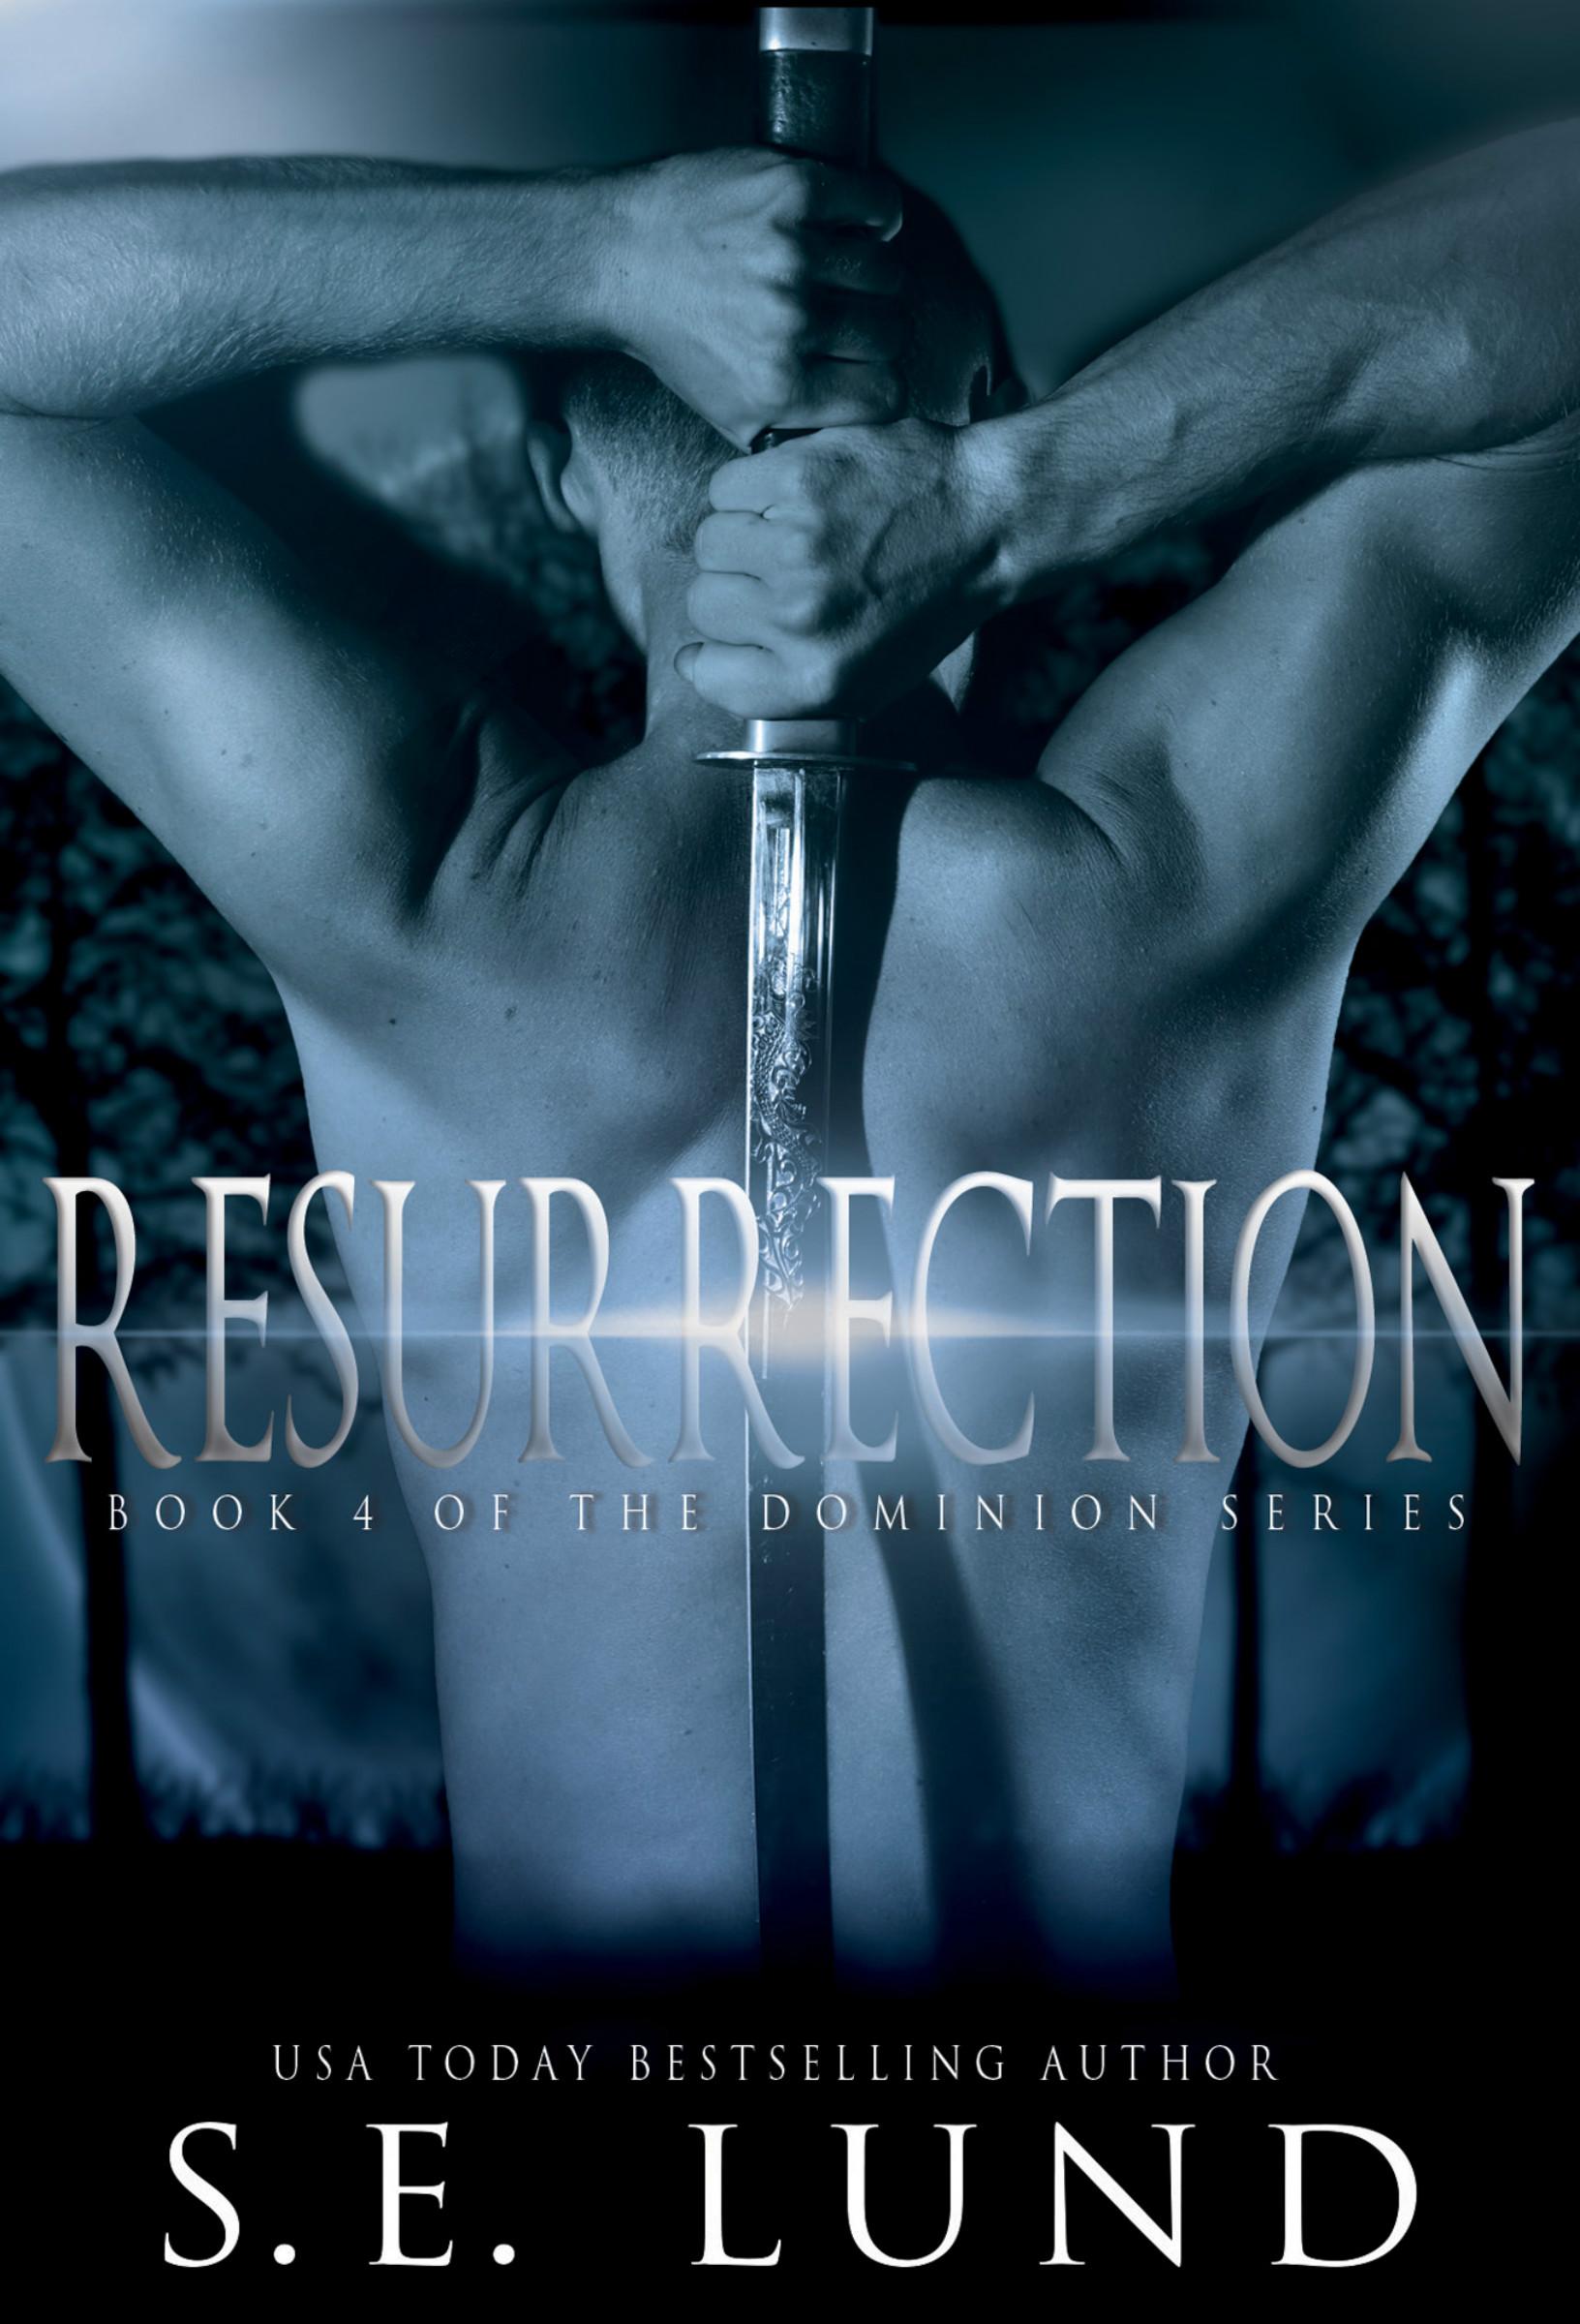 S. E. Lund - Resurrection